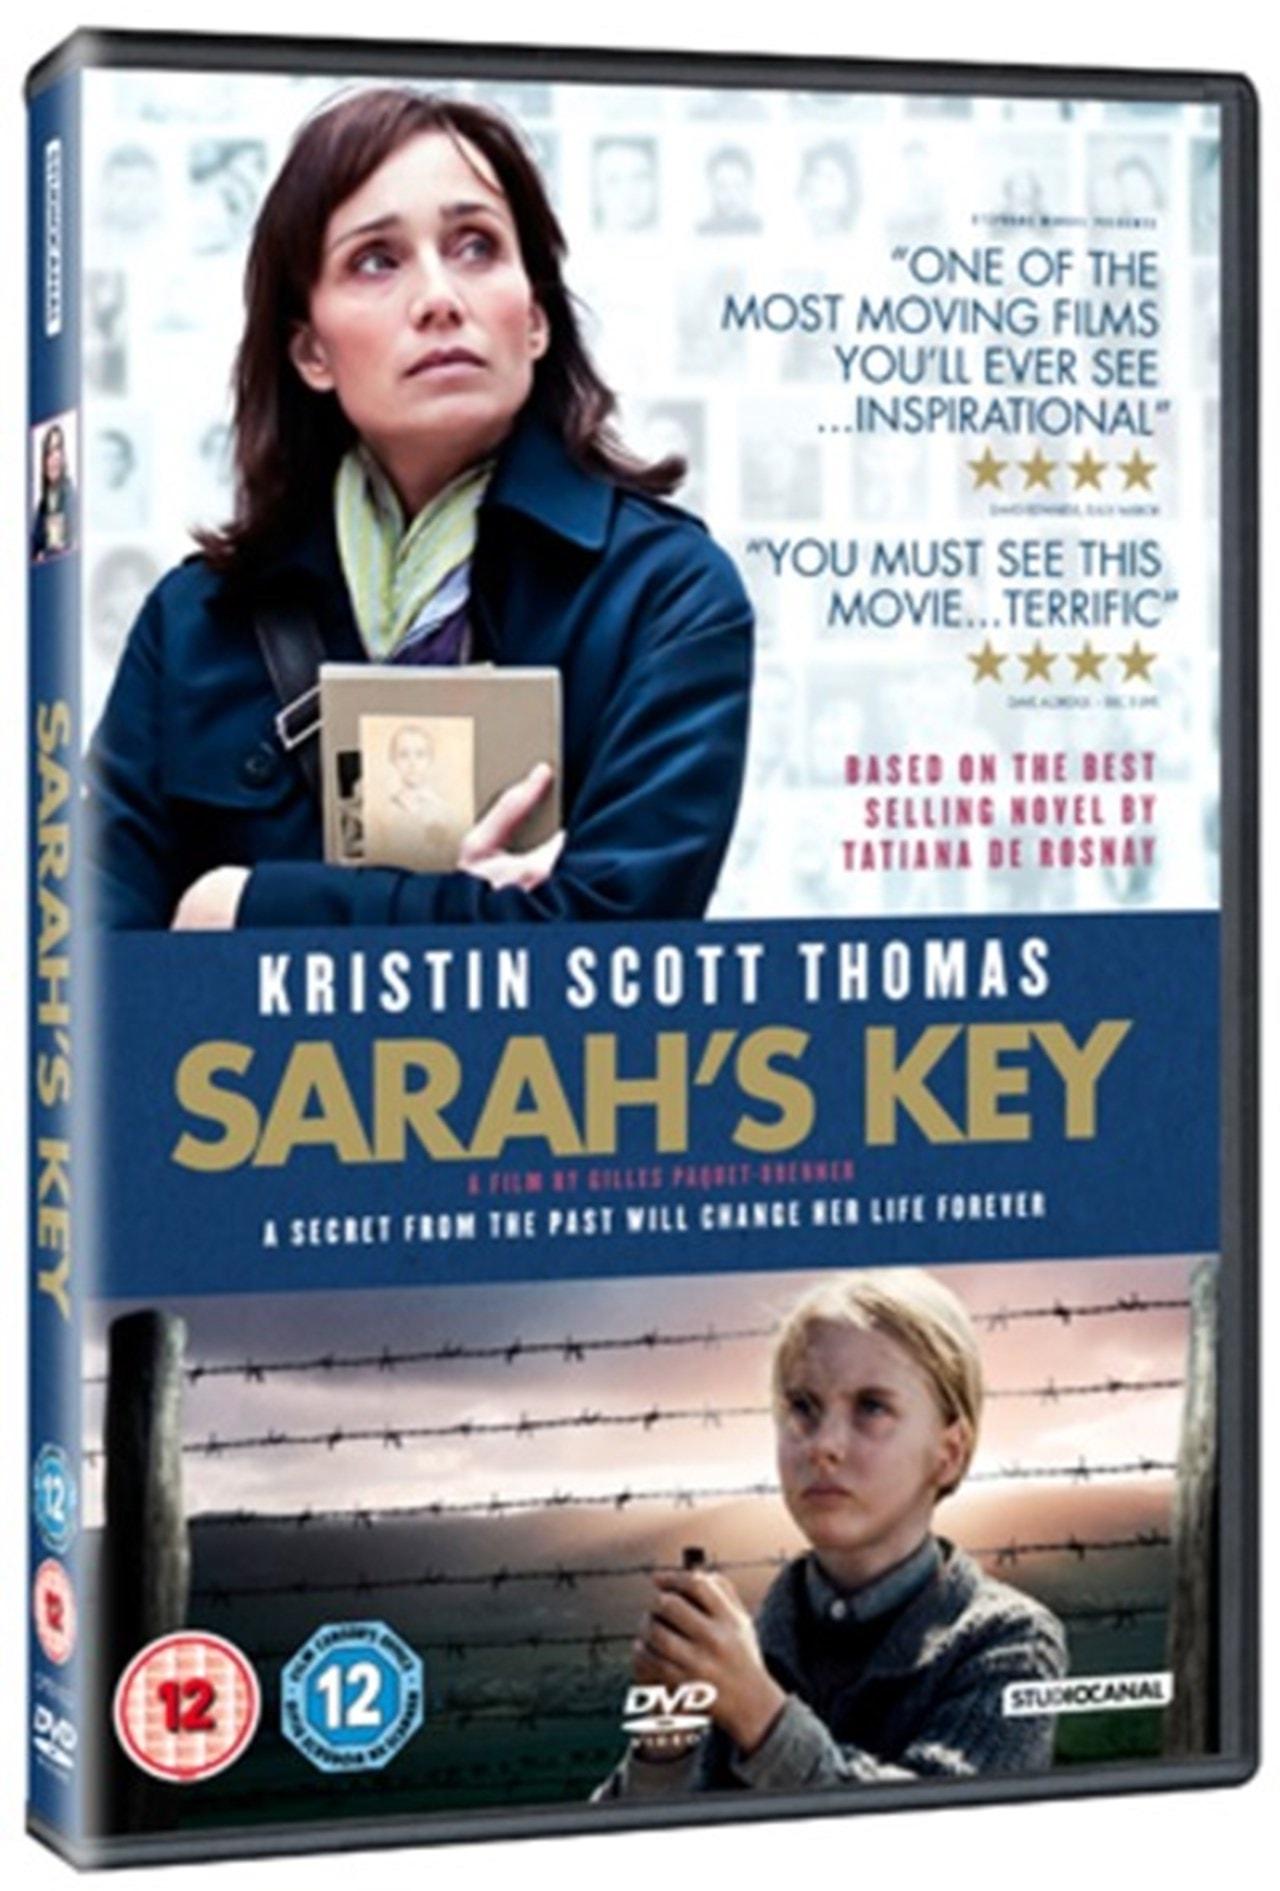 Sarah's Key - 1